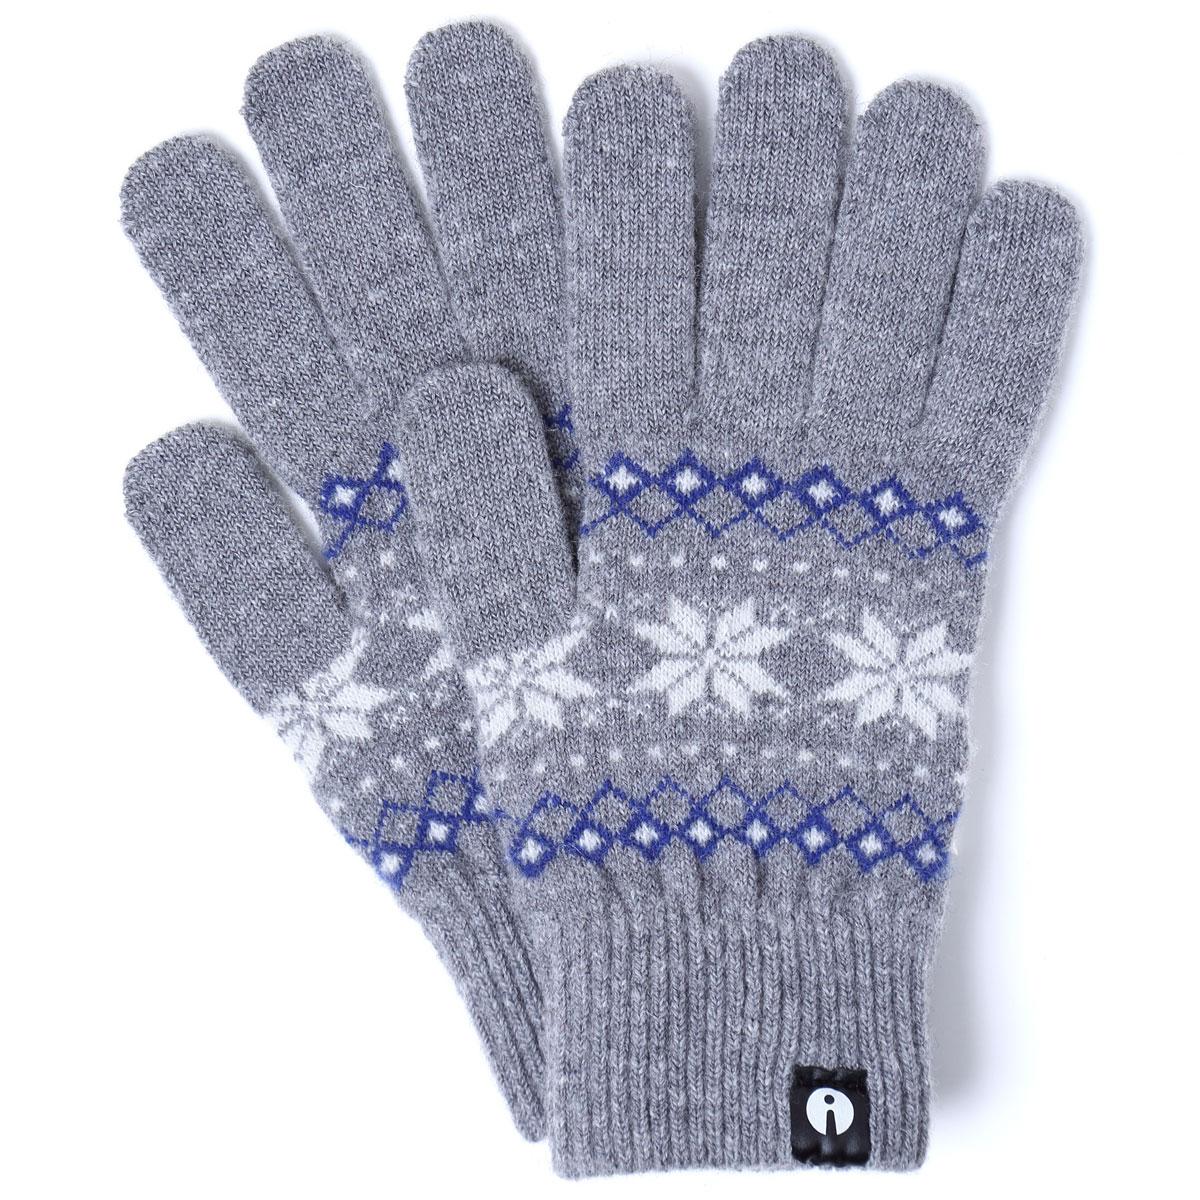 爆売りセール開催中 3 980円以上で送料無料 iTouch Glovesのスマホ手袋 Lサイズ 2019-2020新作がおしゃれ スマホ手袋 Gloves 2019-2020新作 ジャカード スマホ対応手袋 海外並行輸入正規品 メンズサイズ アイタッチグローブ タッチパネル操作 スマートフォン対応 ウール グレー